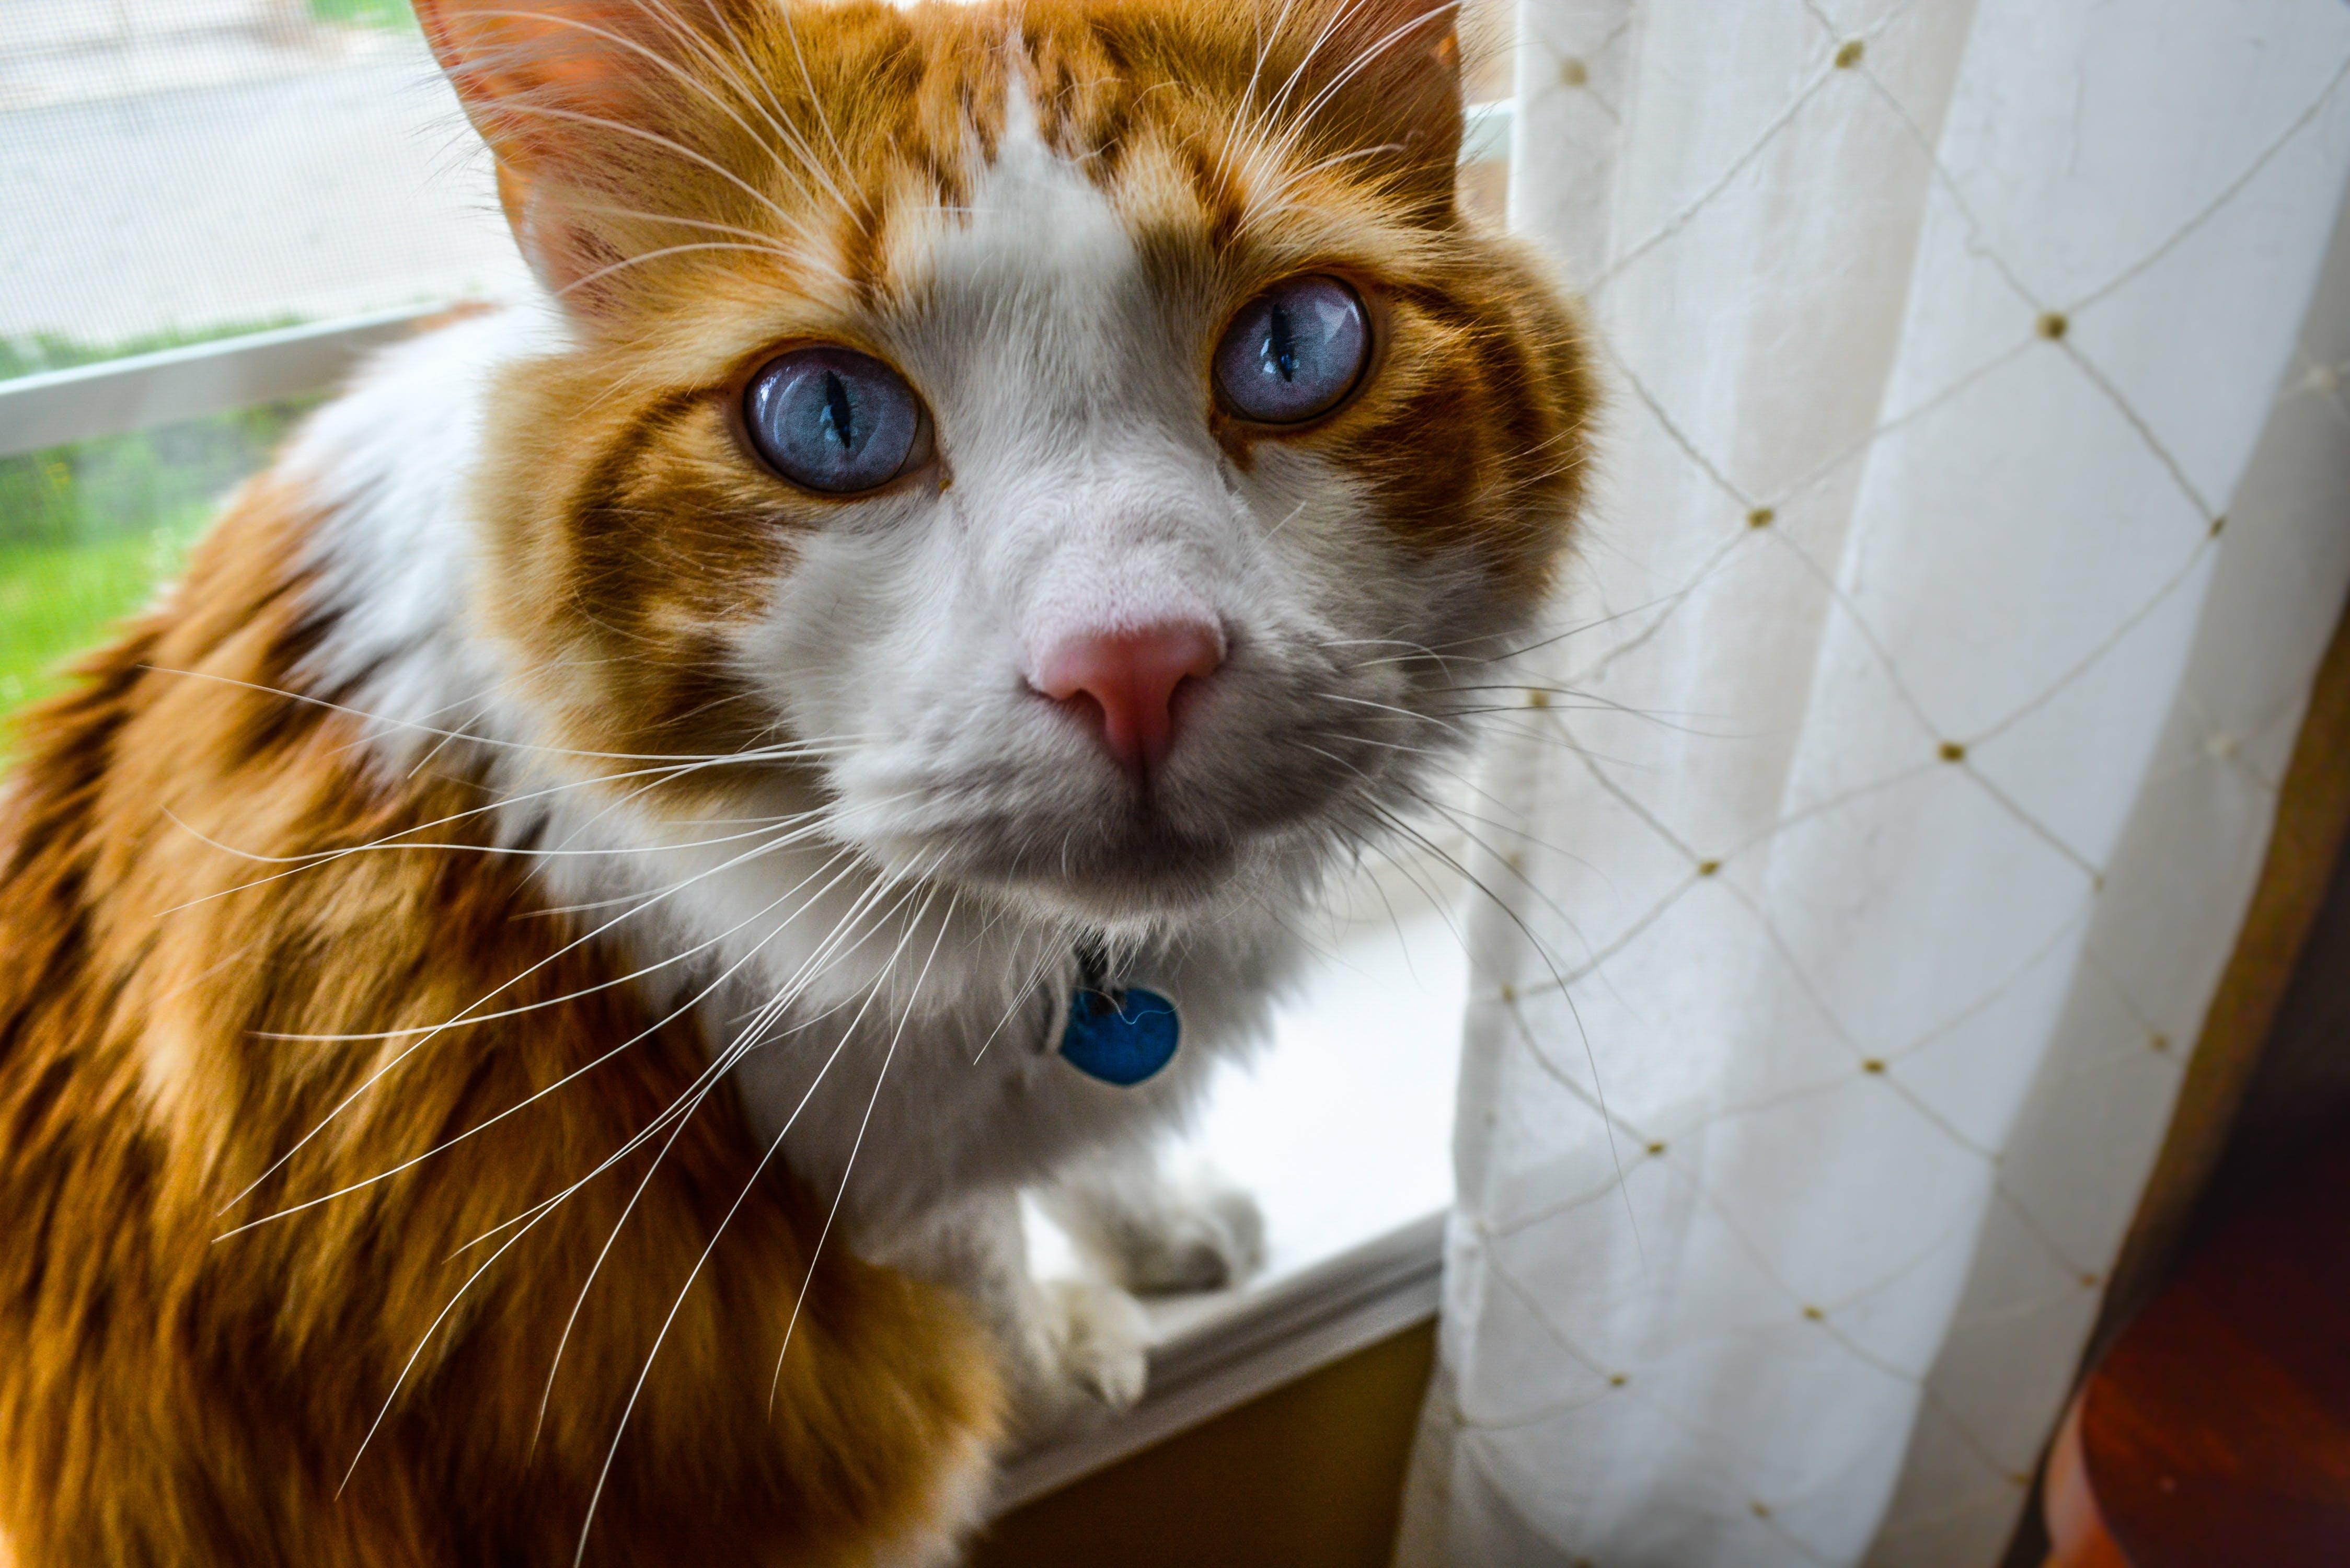 Medium-haired Orange and White Cat